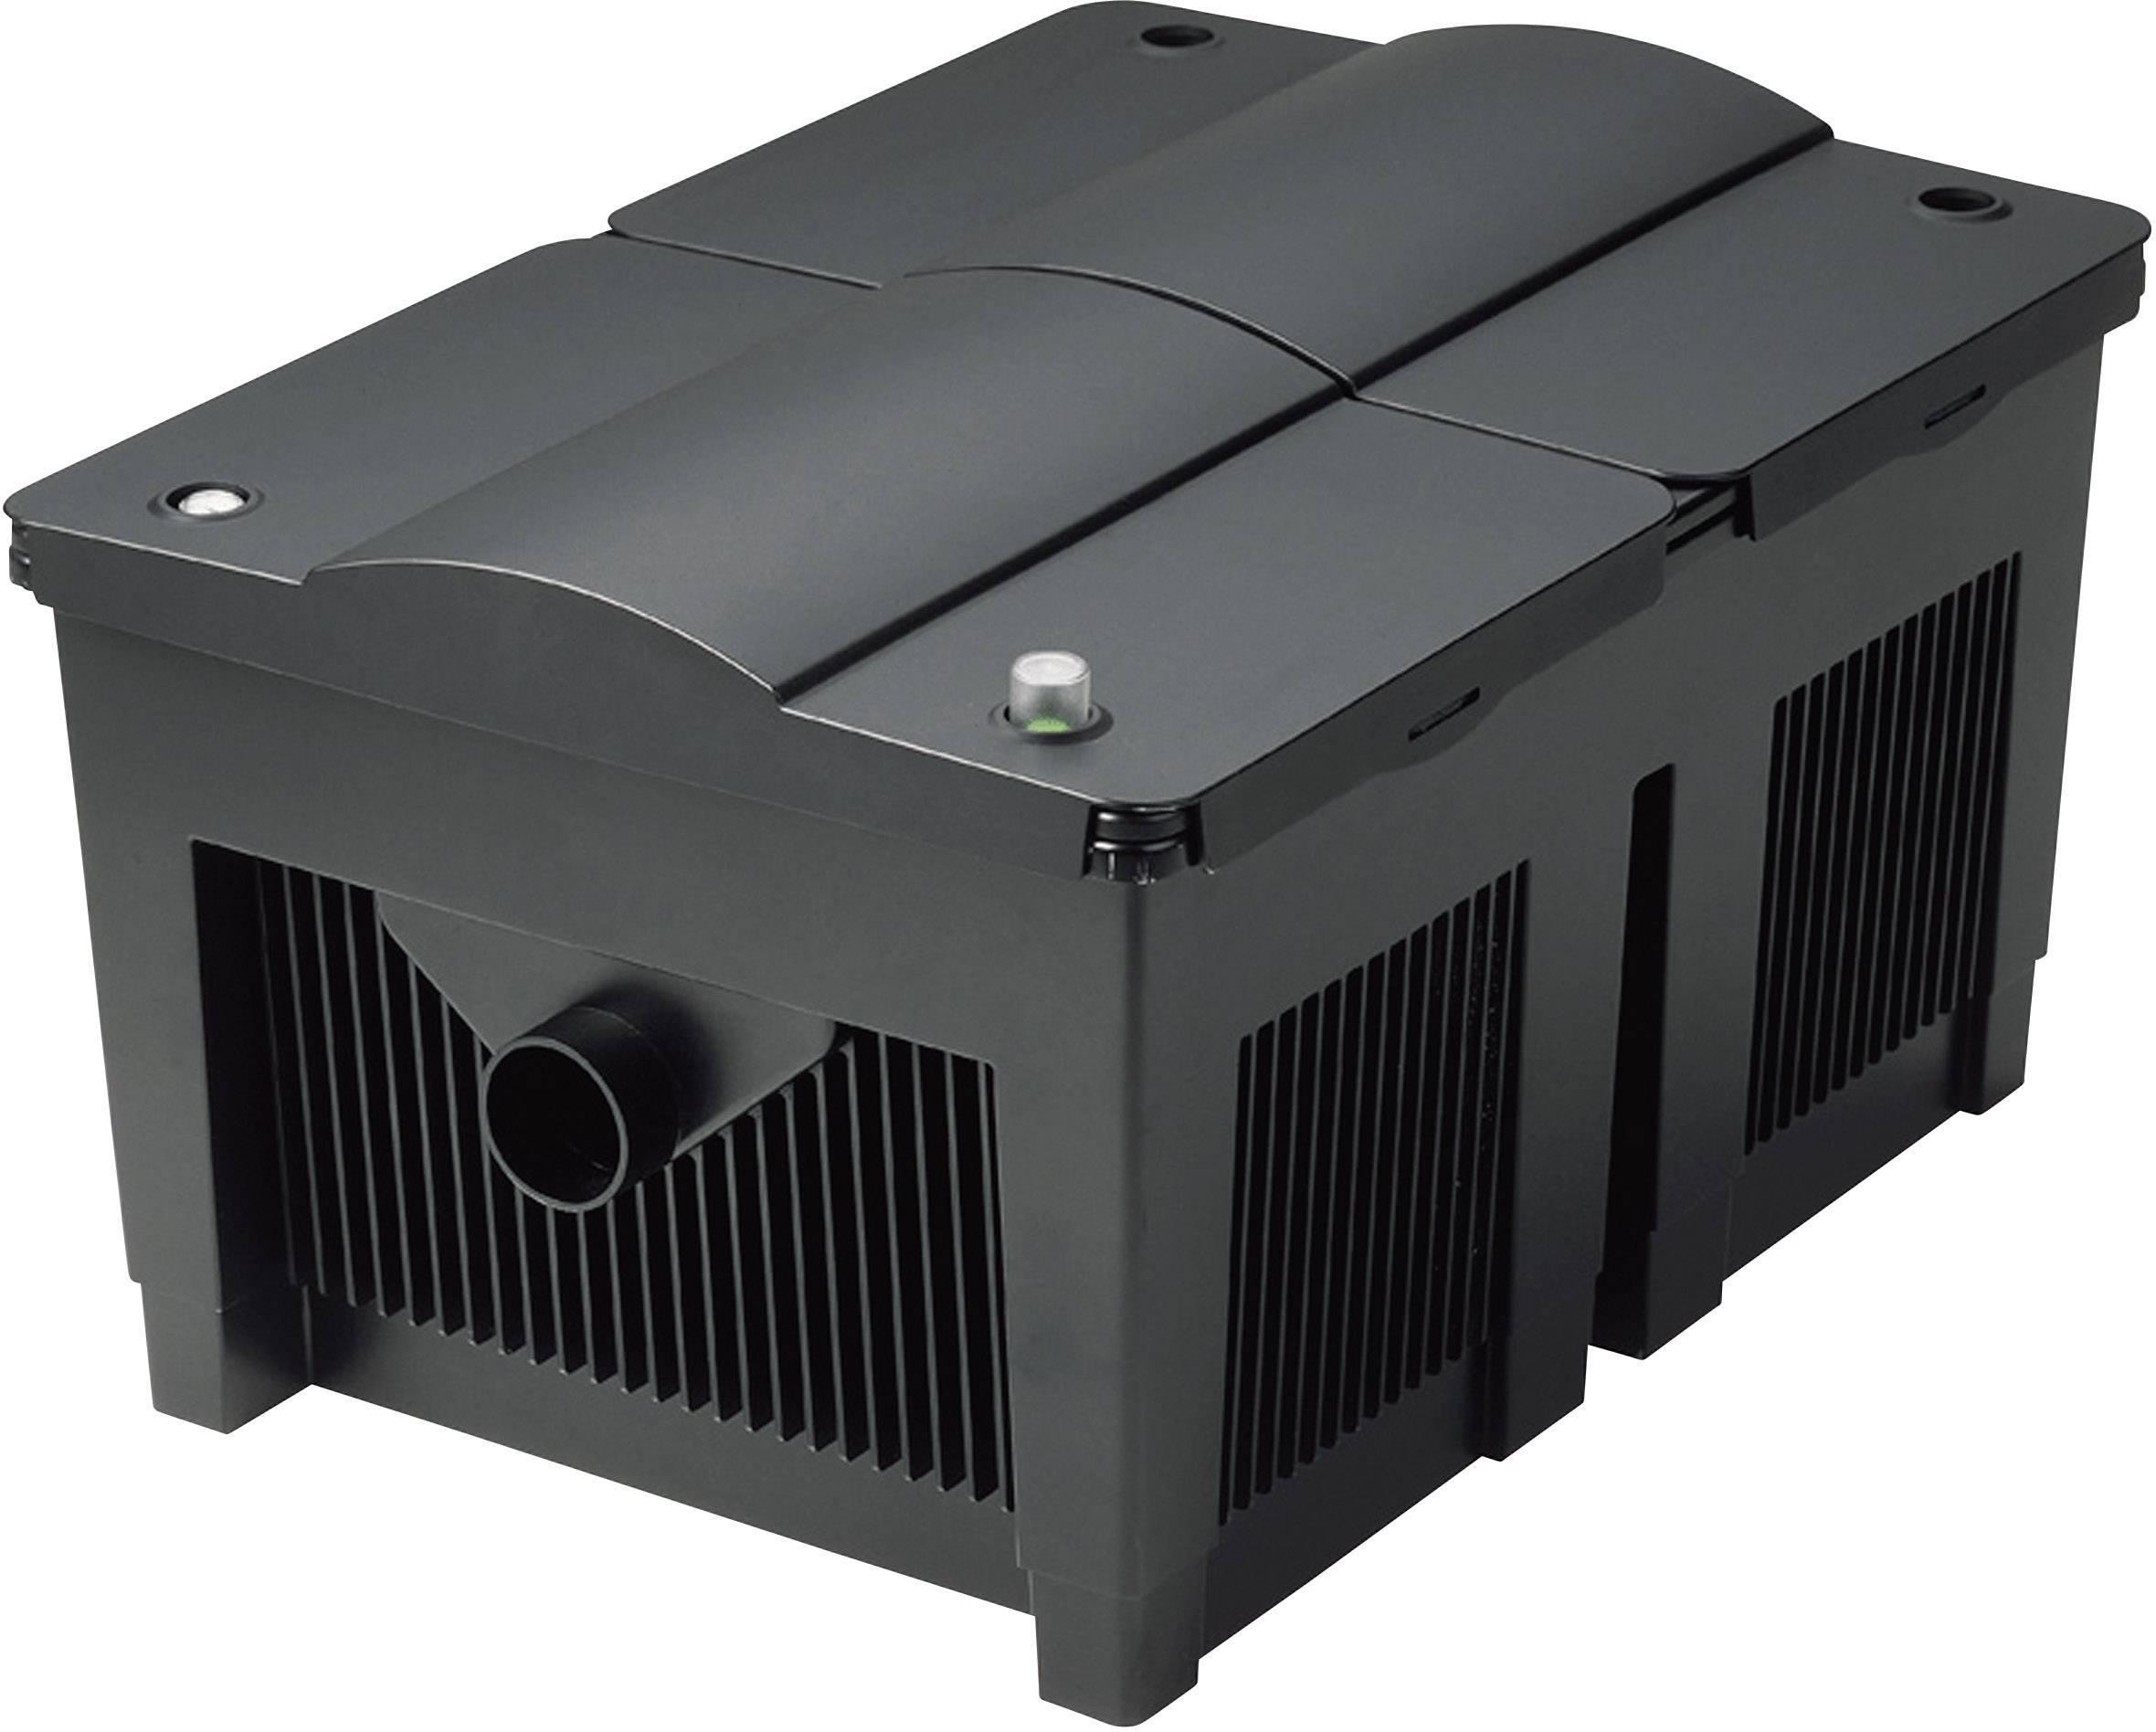 Jezírkový průtokový filtr Oase BioSmart 36000 (56641)